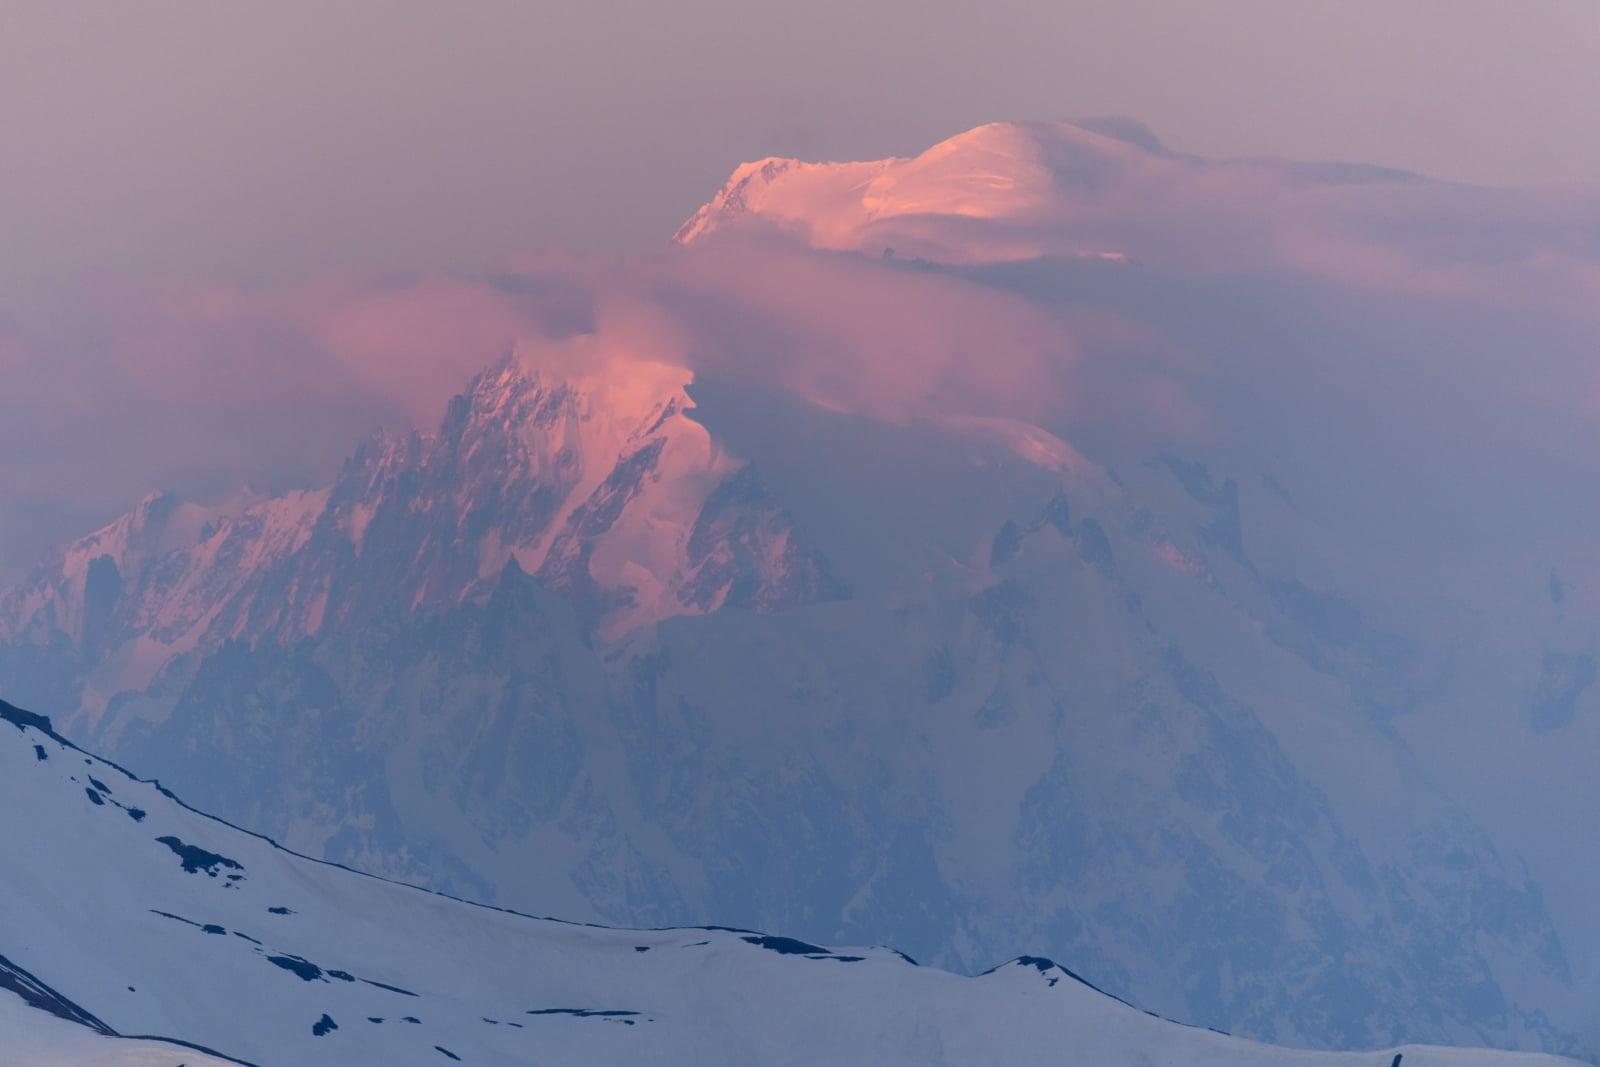 Wschód słońca na masywie Mont Blanc, Szwajcaria, fot. EPA/ANTHONY ANEX